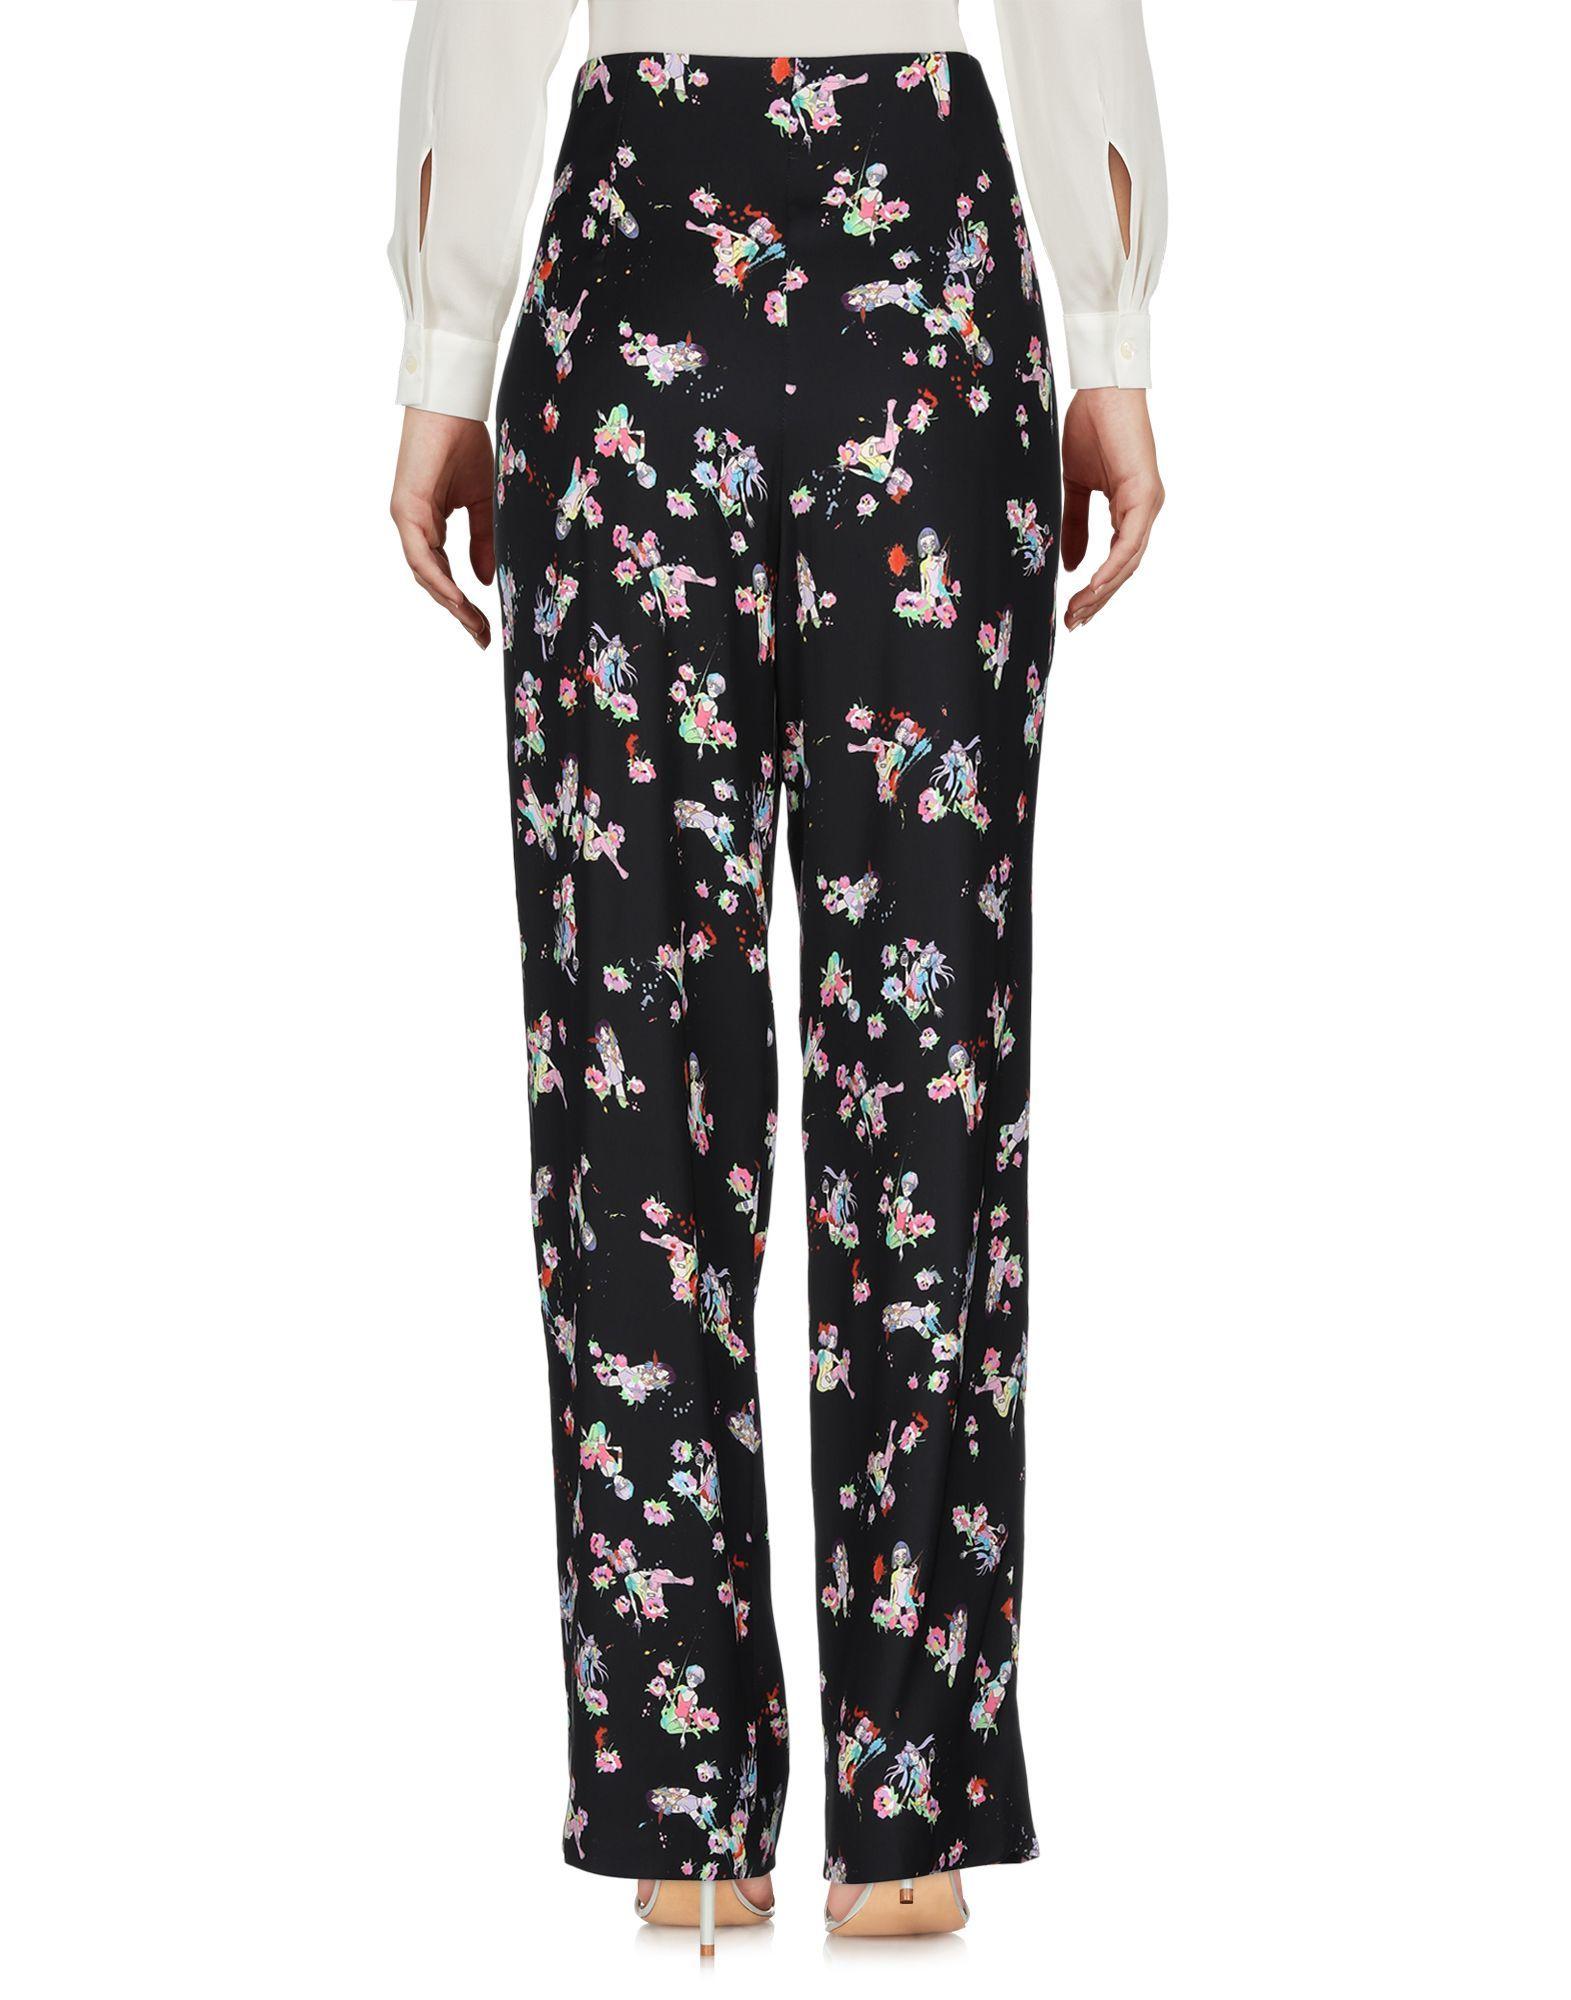 Maison Margiela Black Floral Wide Leg Trousers